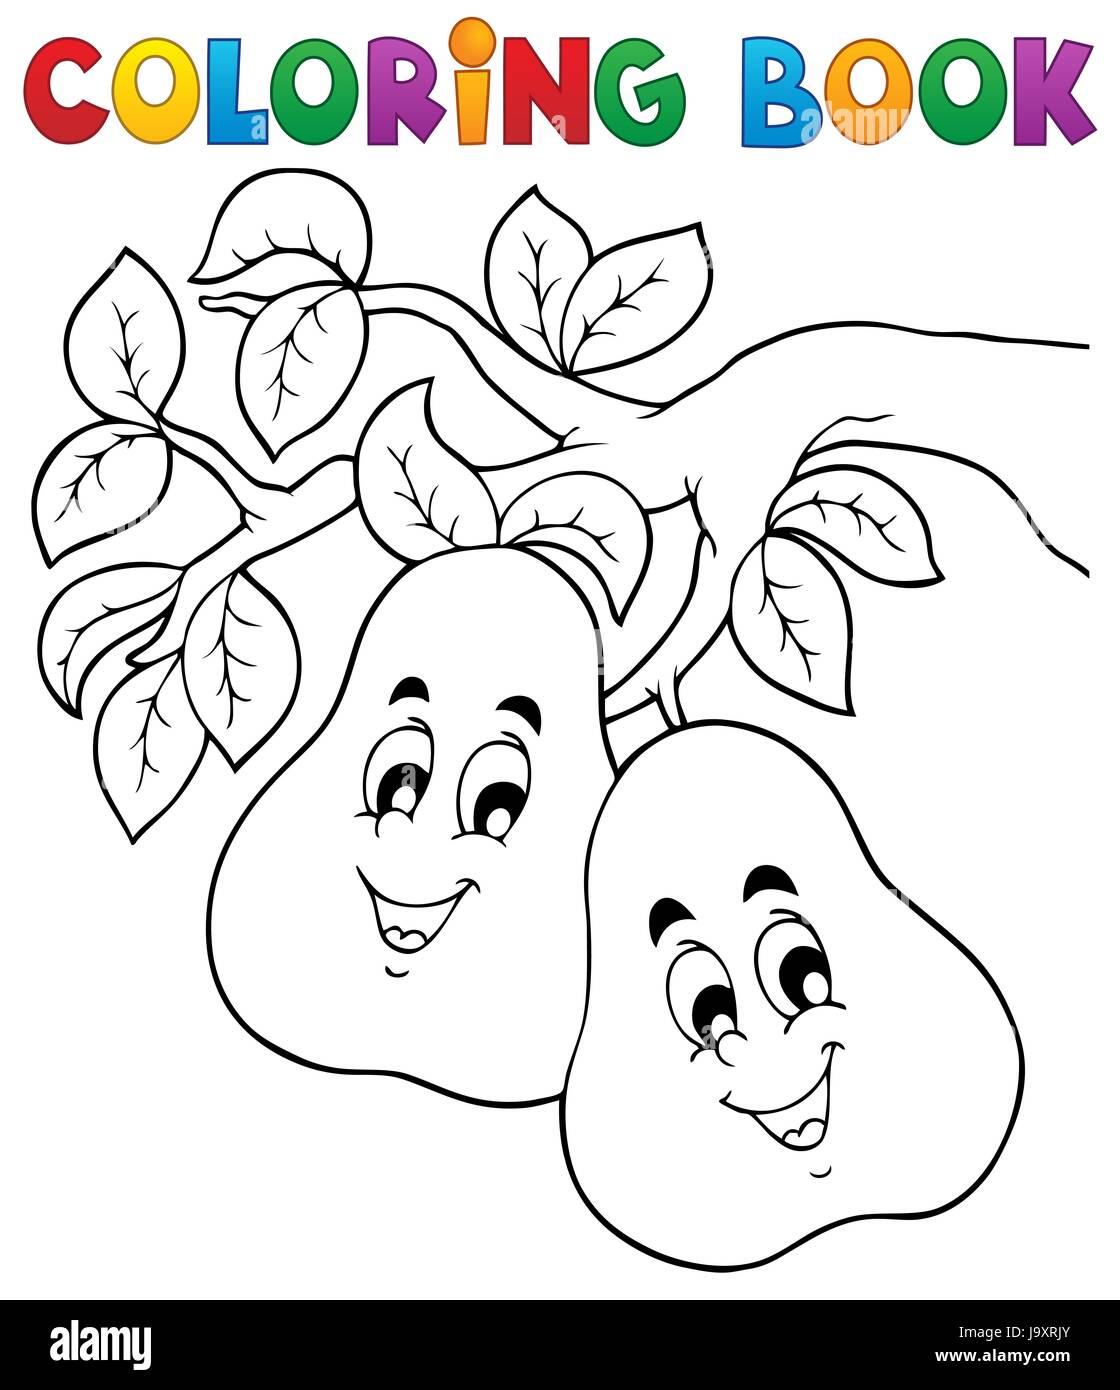 Farbe, Progenies, Früchte, Obst, Farbe, Birne, Birne, gemalt, färben ...